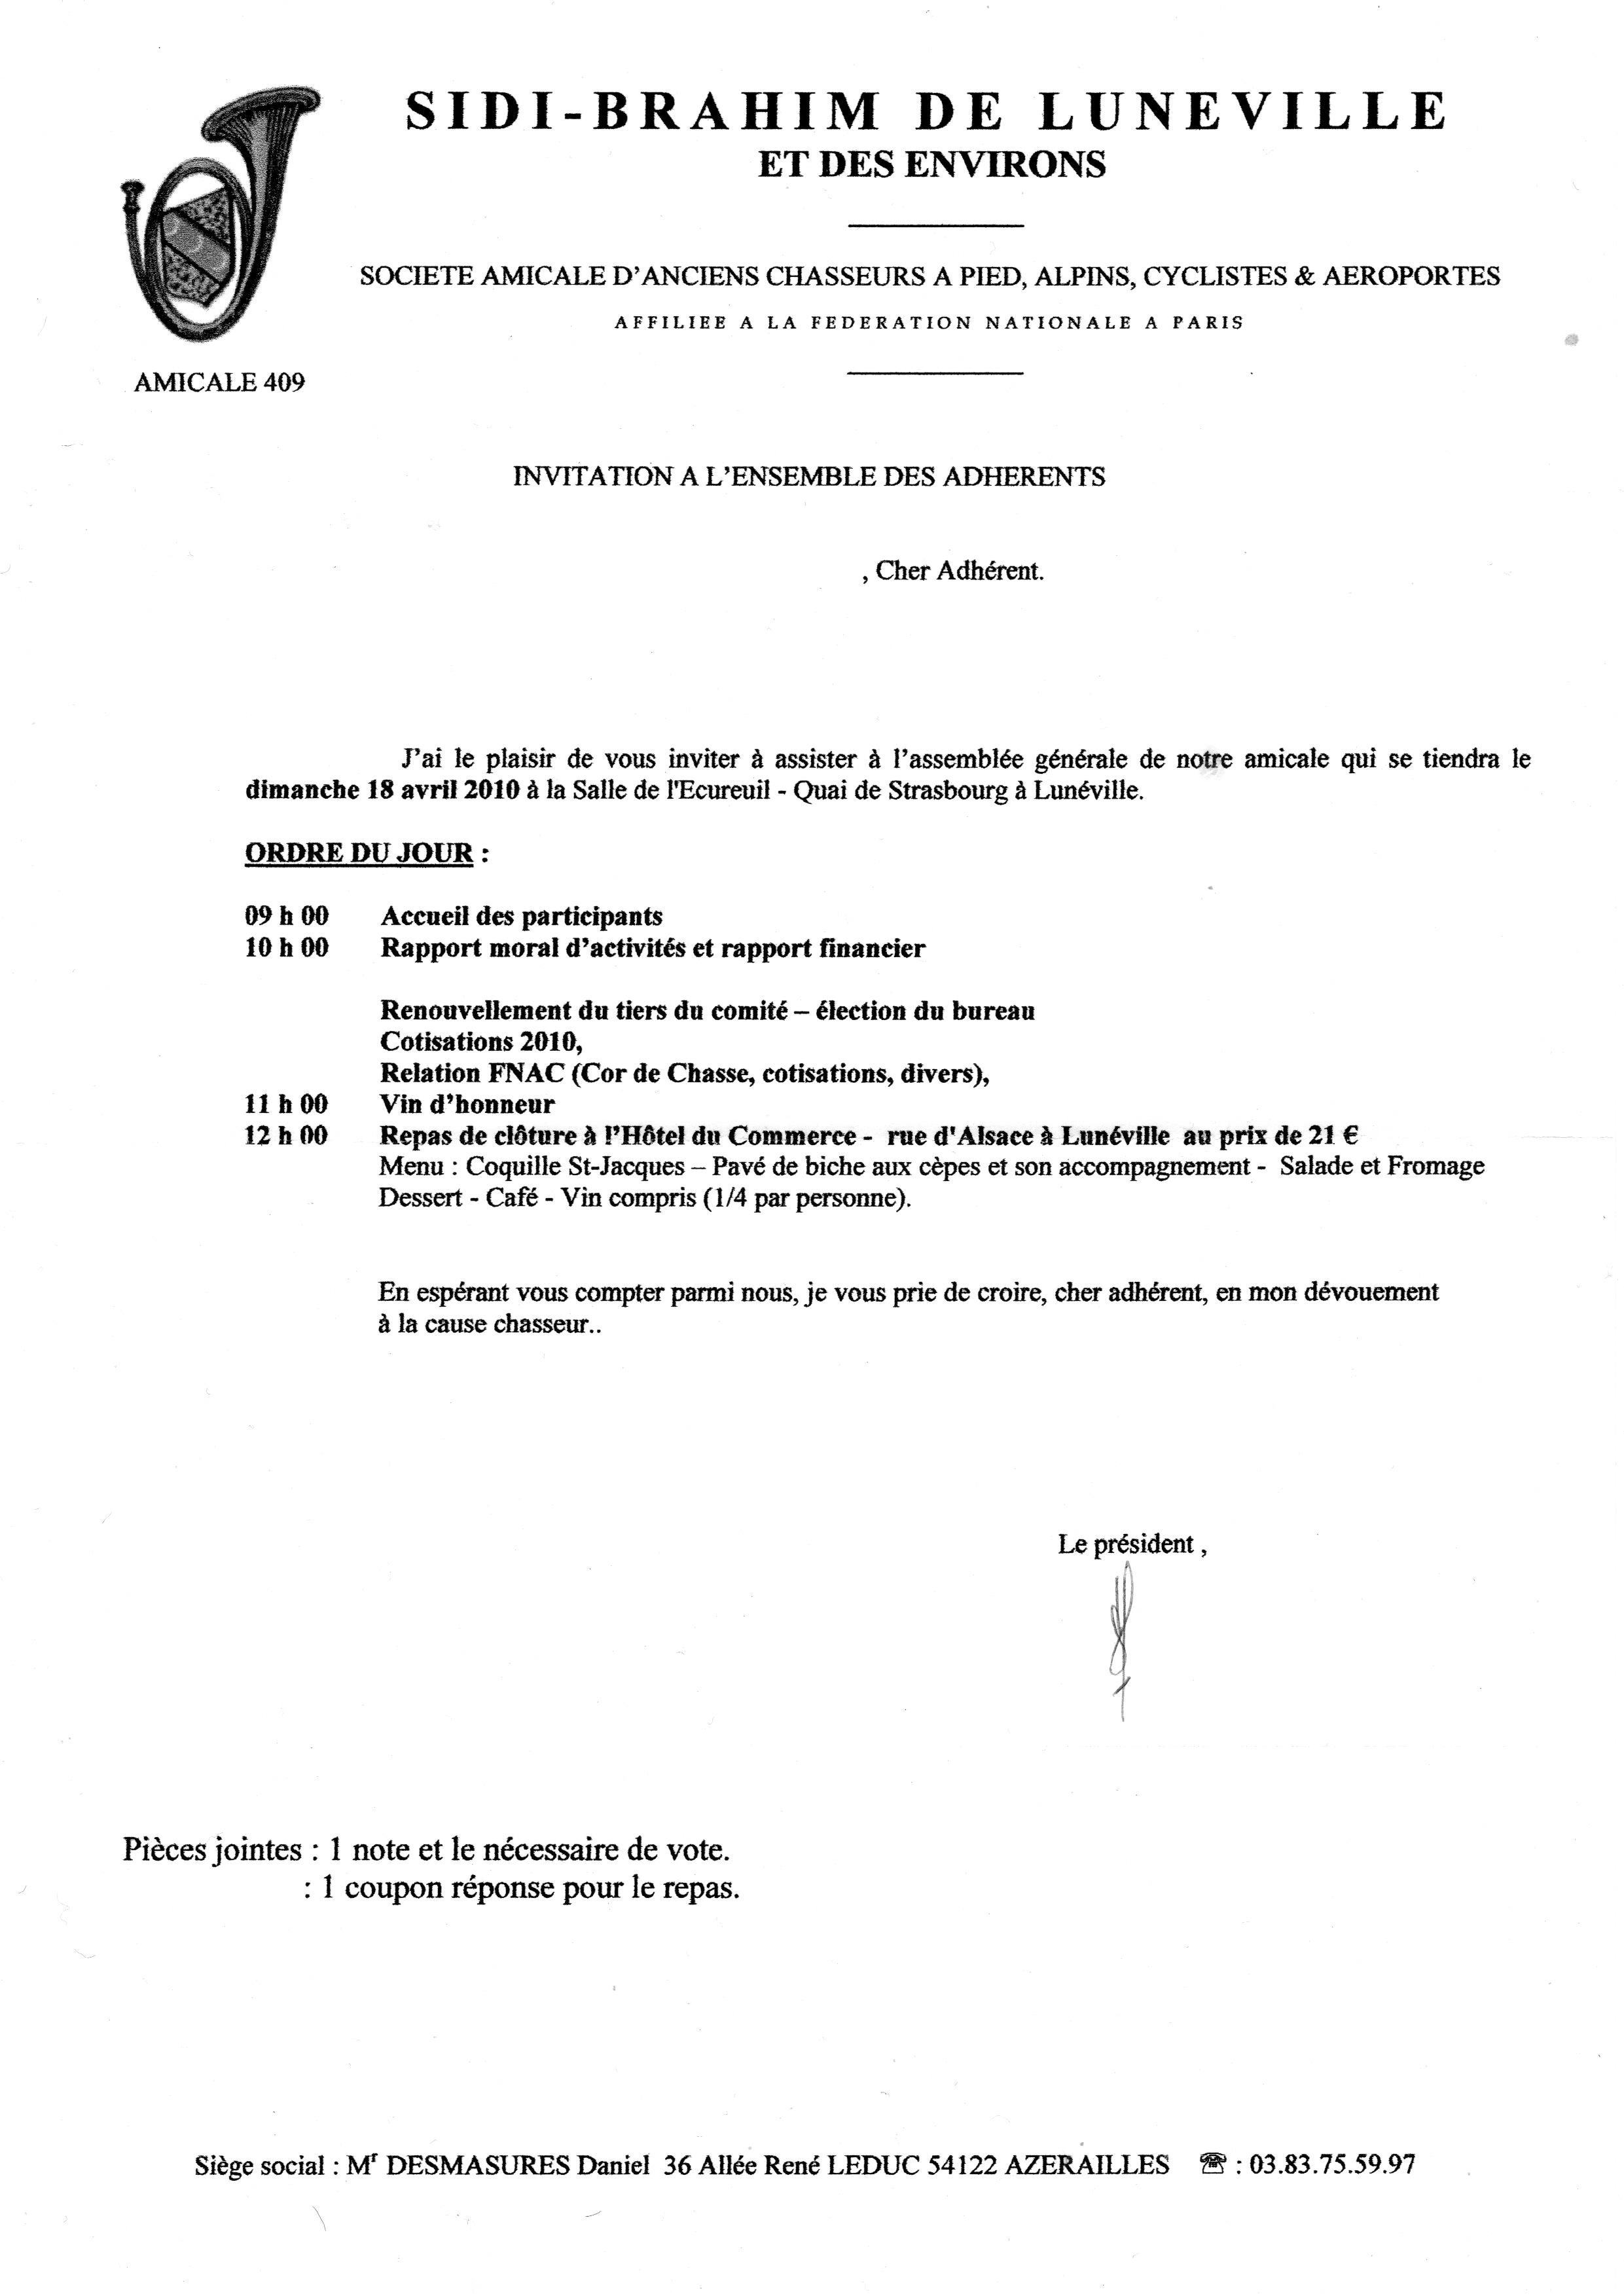 Assemblée Génerale de l'Amicale Sidi-Brahim de Lunéville 94490503_04_2010_14_27_11